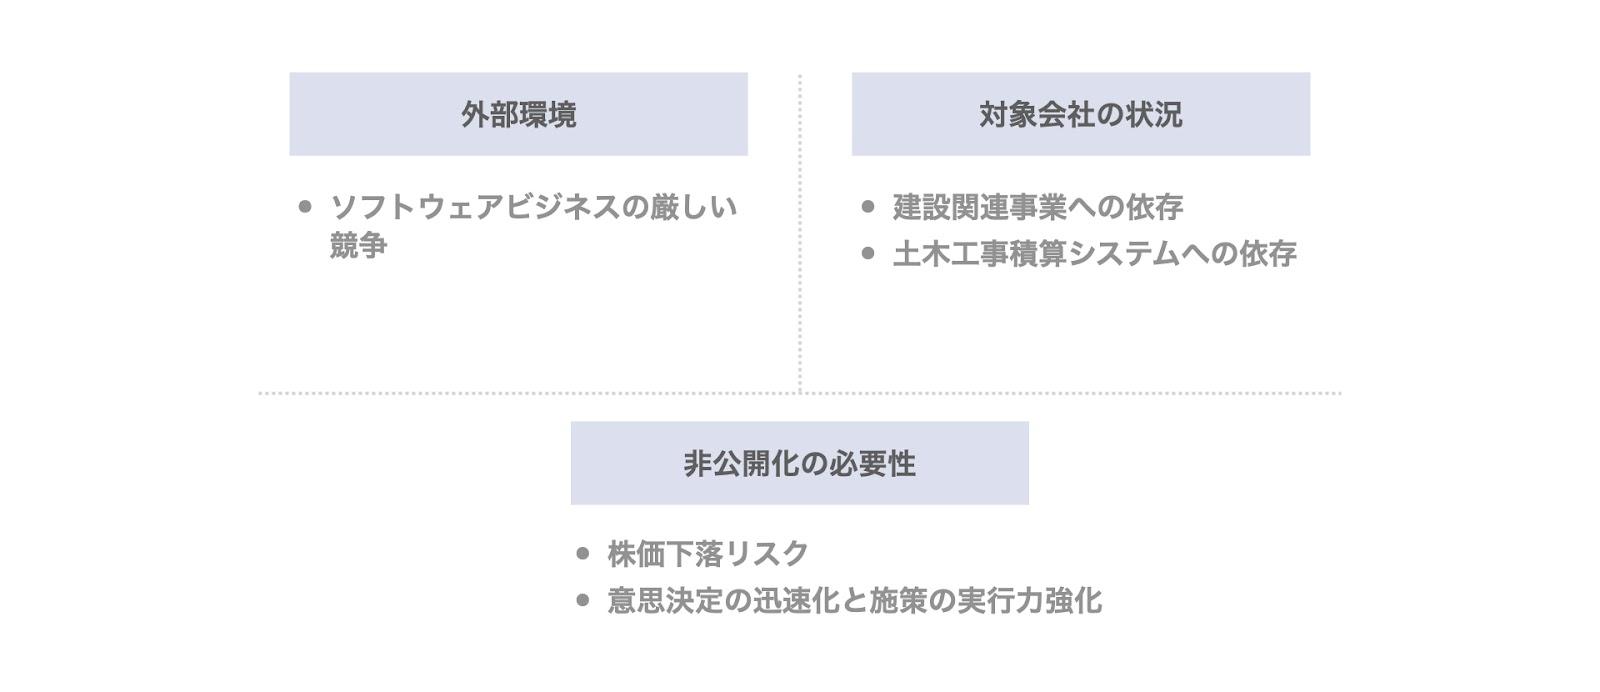 事例1. ビーイングのデットMBO(三重銀行)の背景・目的